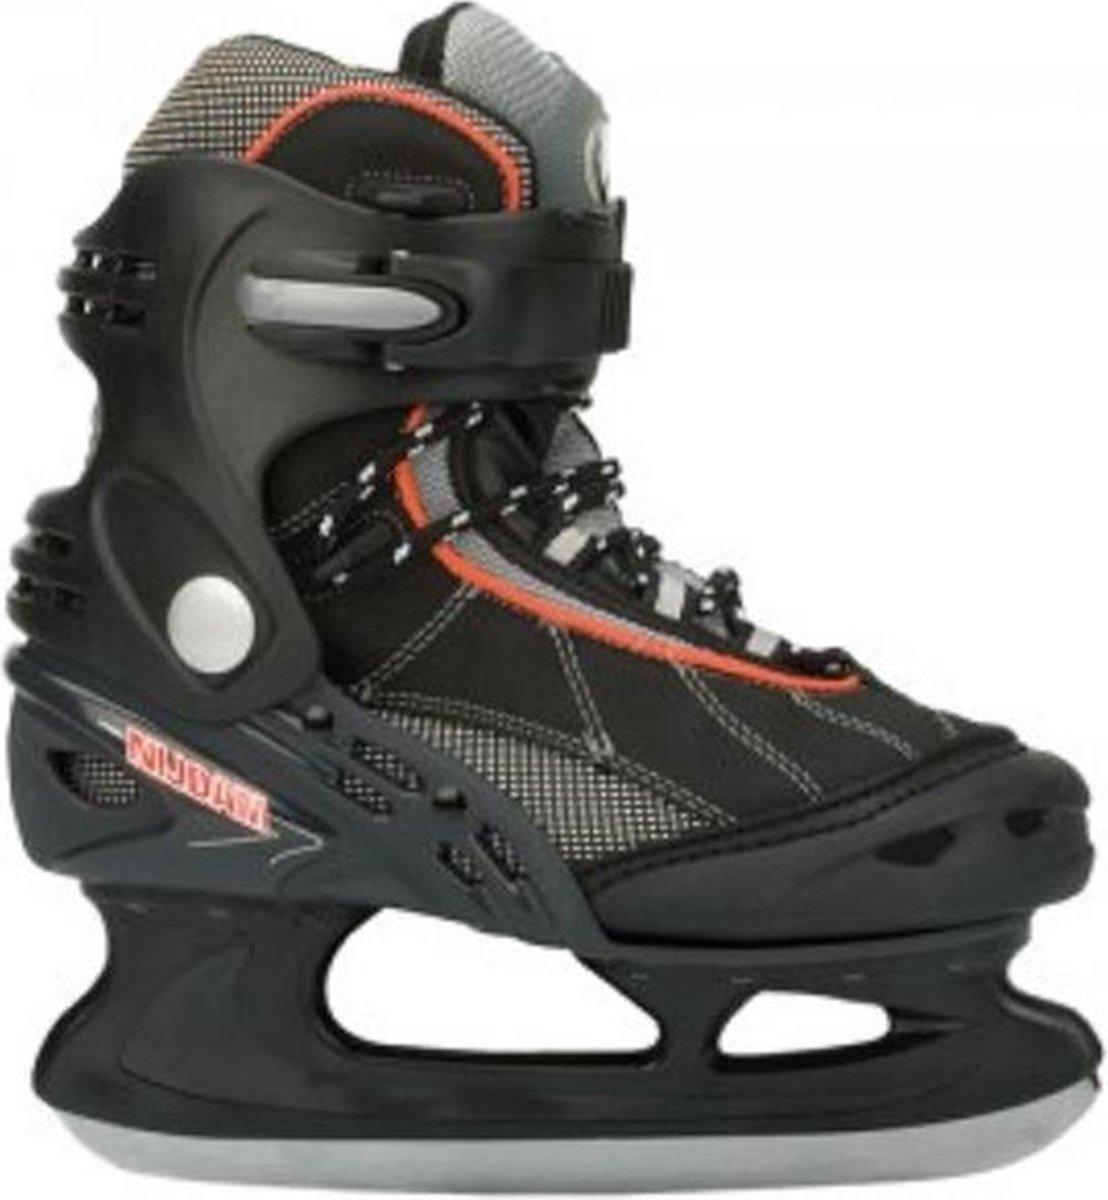 IJshockeyschaatsen / Schaatsen NIJDAM 0079, Zwart / Grijs / Rood, Waterproof, Maat 36, LET OP: Verpakking (doos) is beschadigd